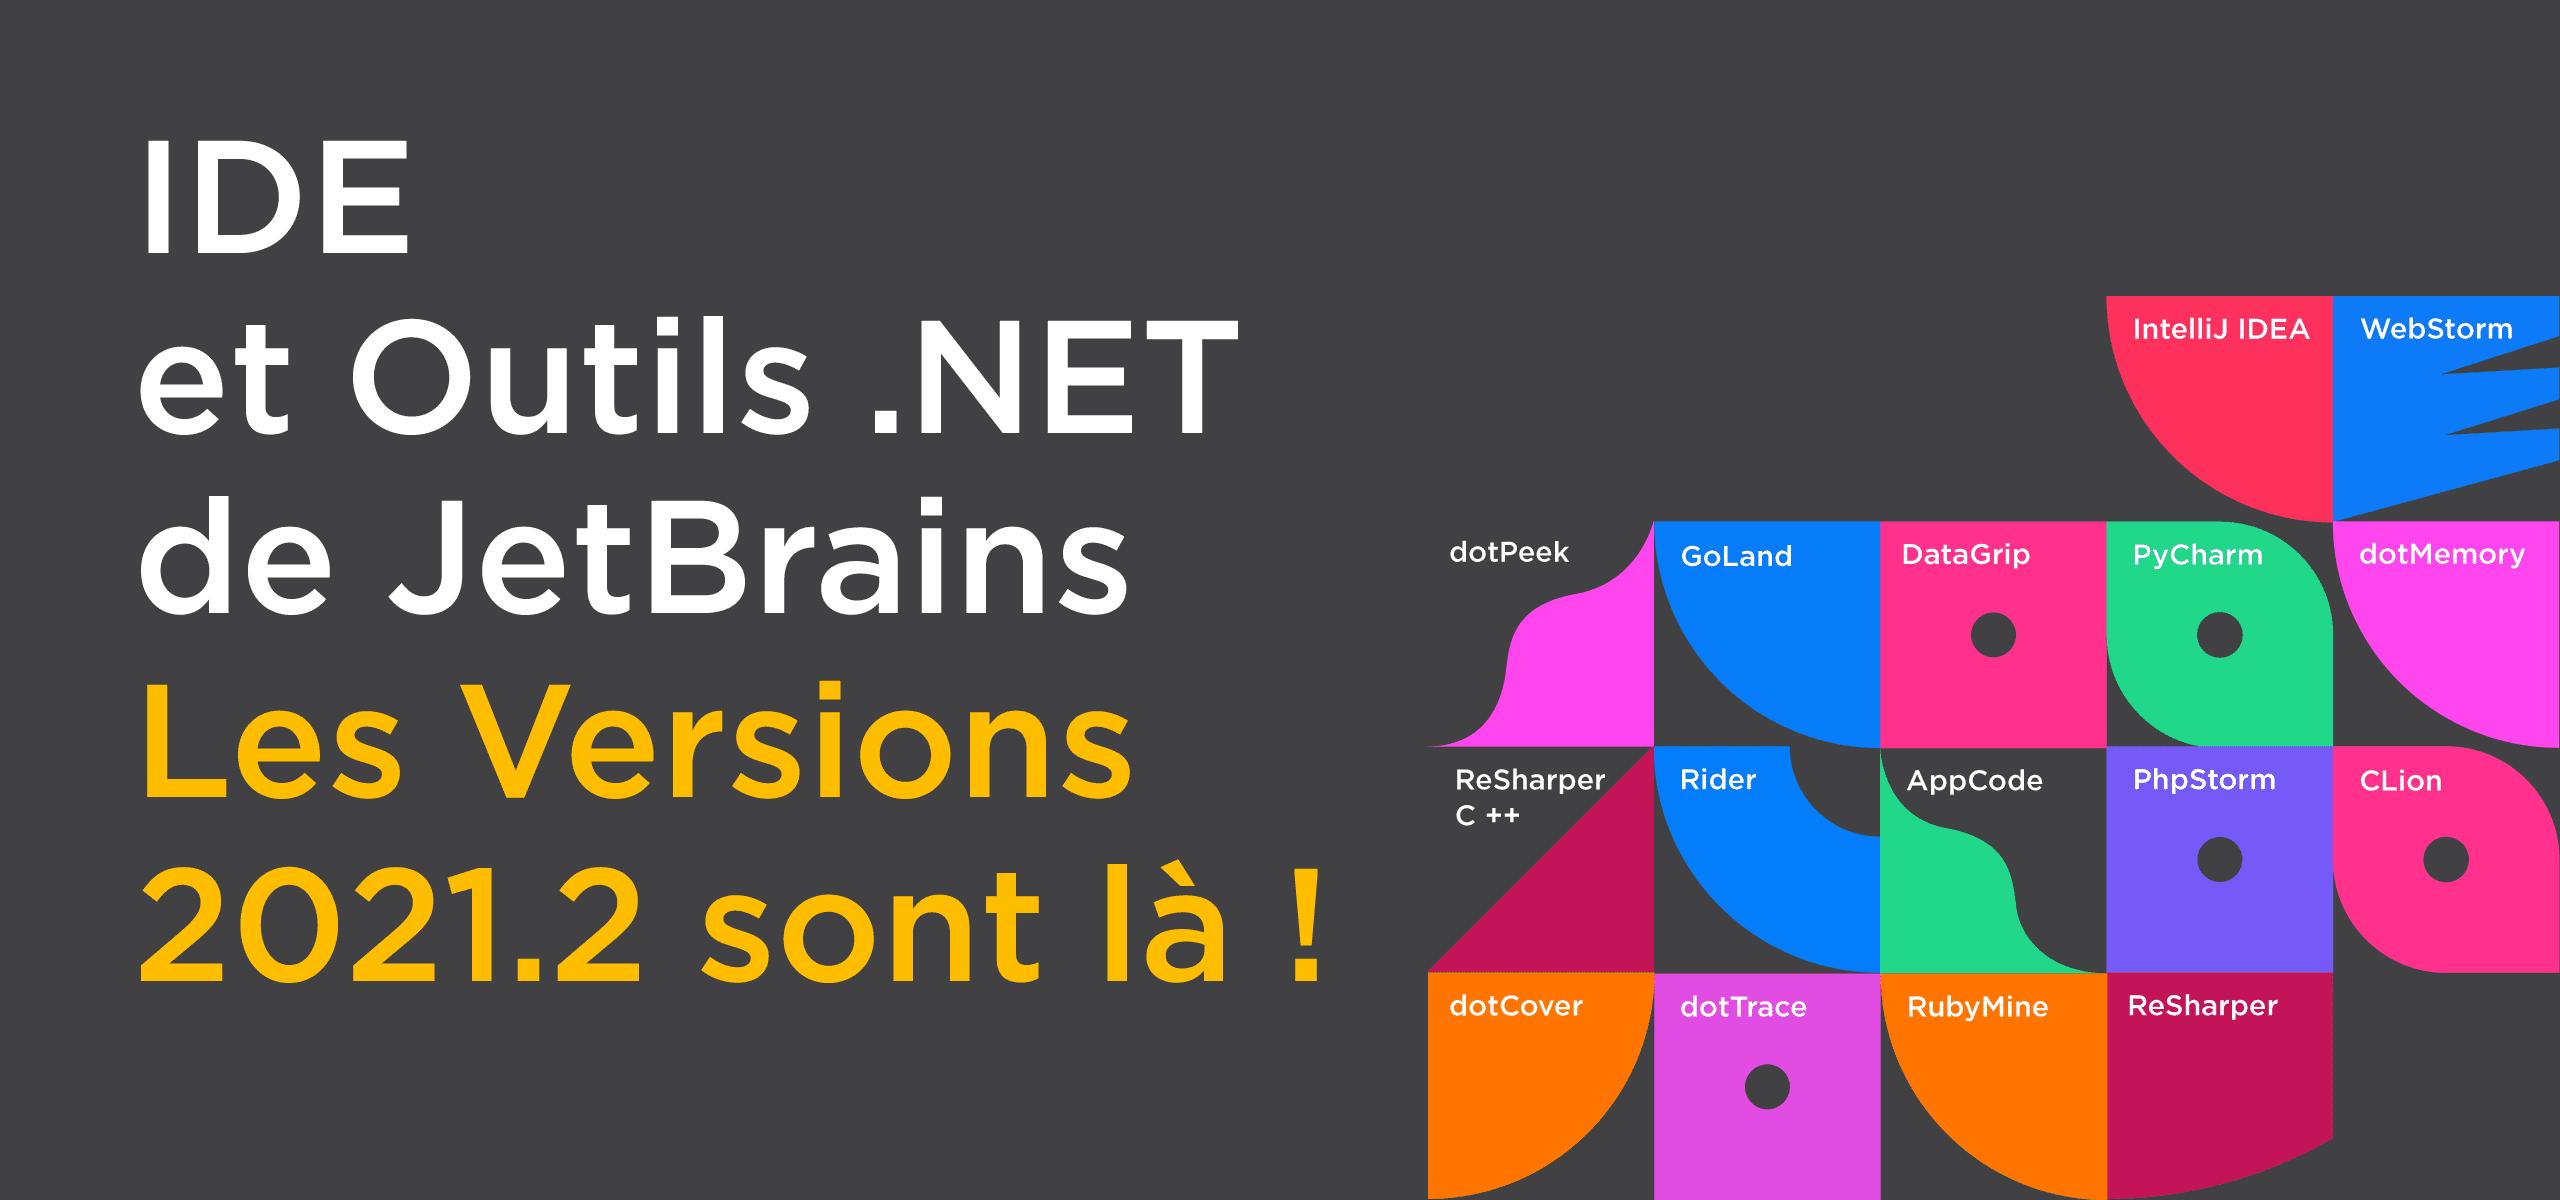 Récapitulatif : principaux apports des versions 2021.2 des IDE et outils.NET de JetBrains